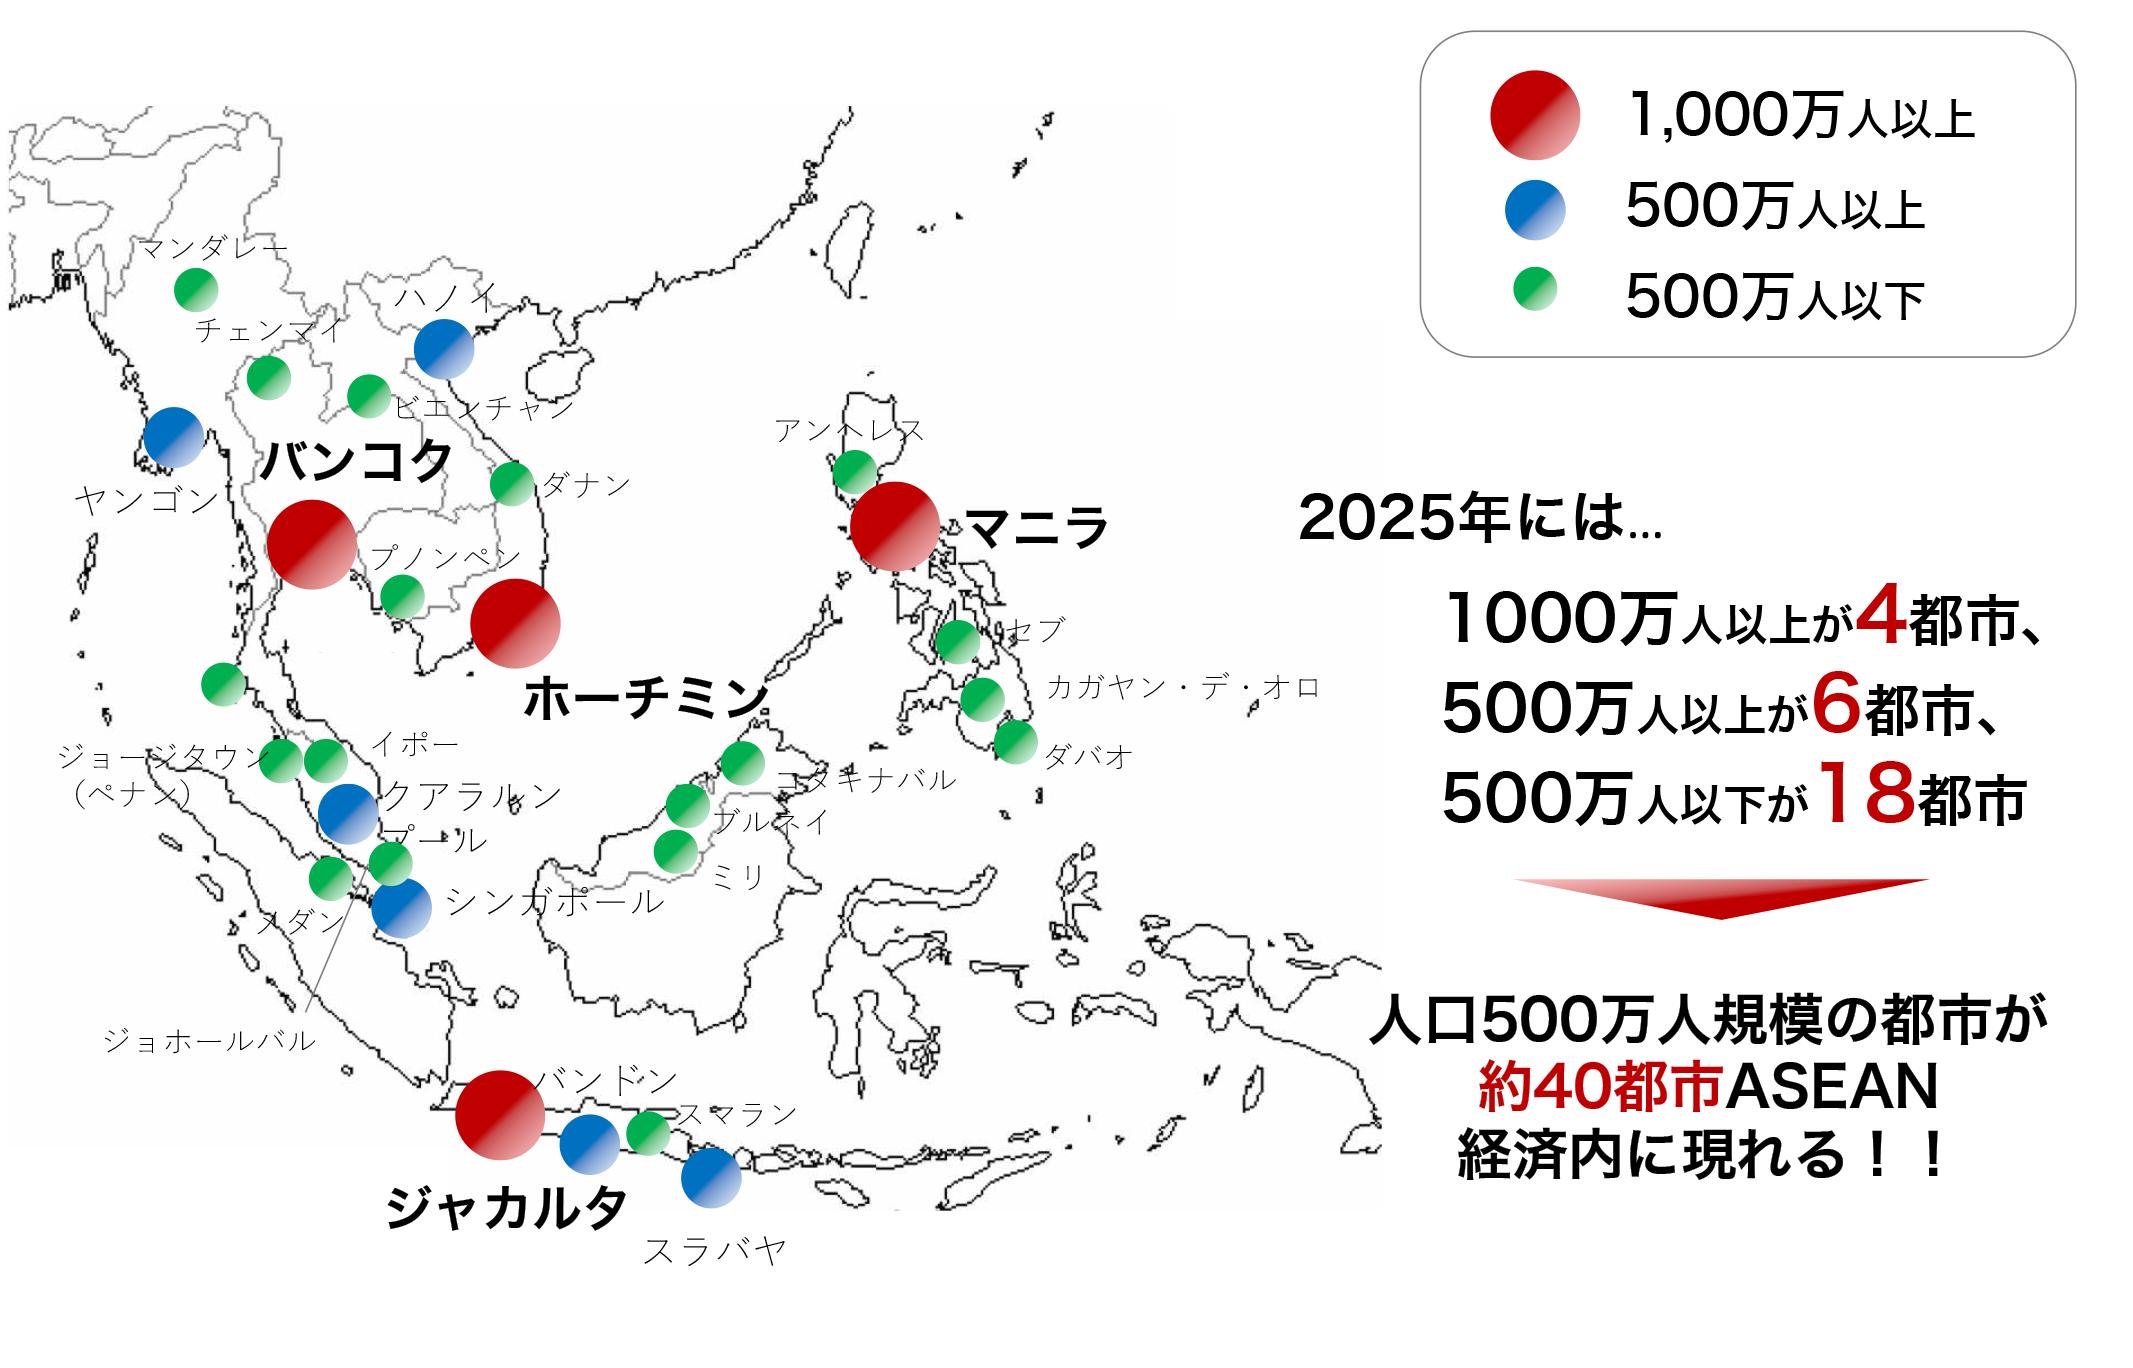 ASEANの注目都市